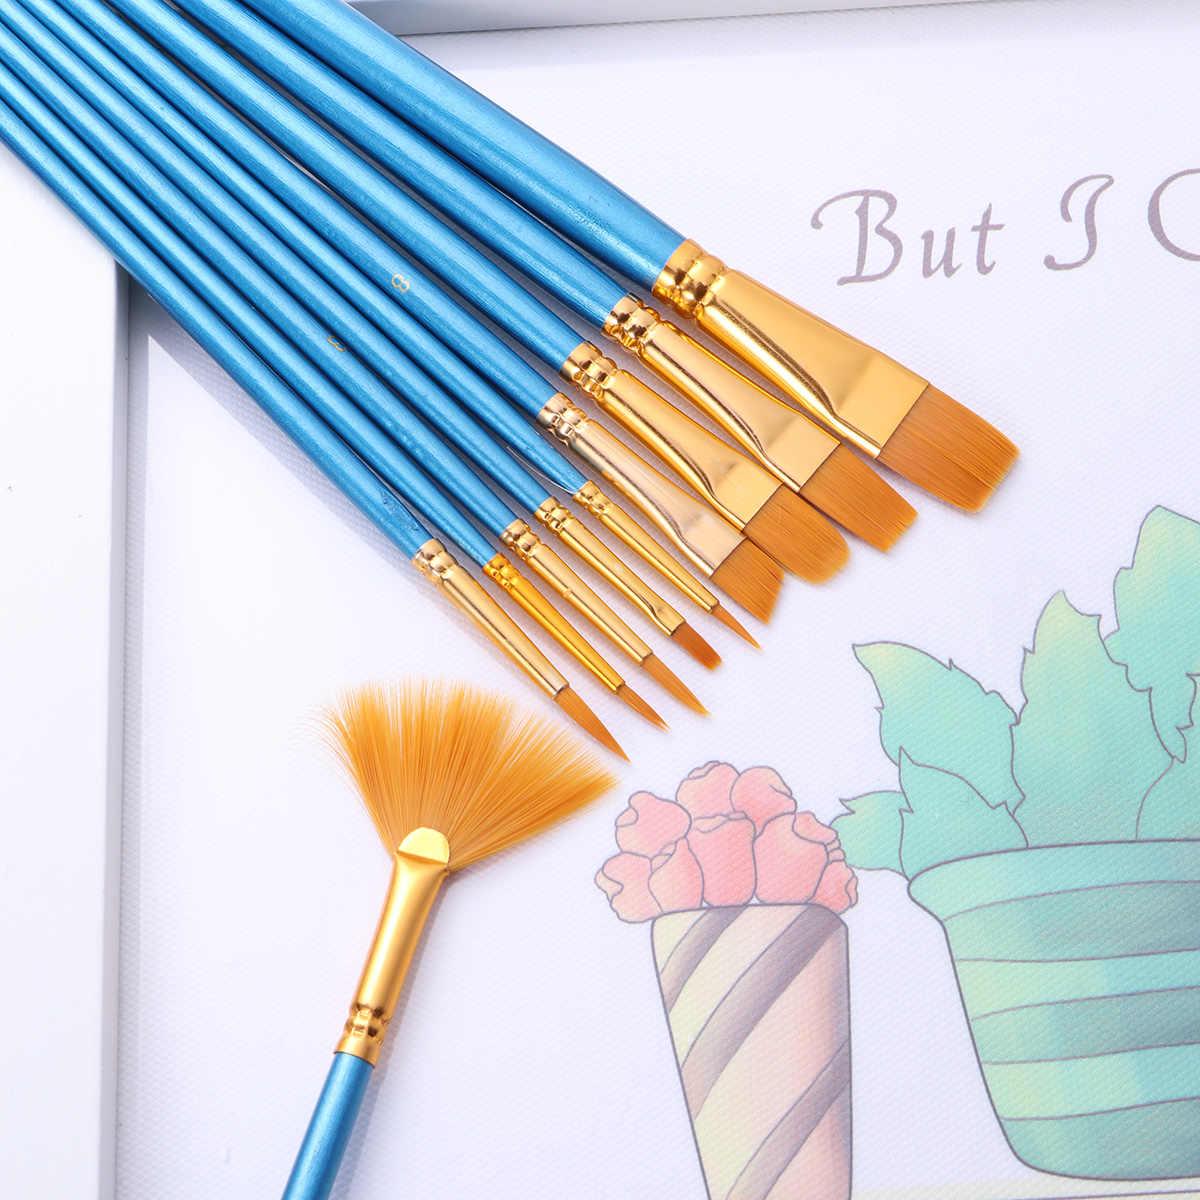 10 Buah Kuas Cat Air Guas Kuas Cat Art Set Untuk Akrilik/Minyak/Lukisan Cat Air Nilon Wol Biru bar